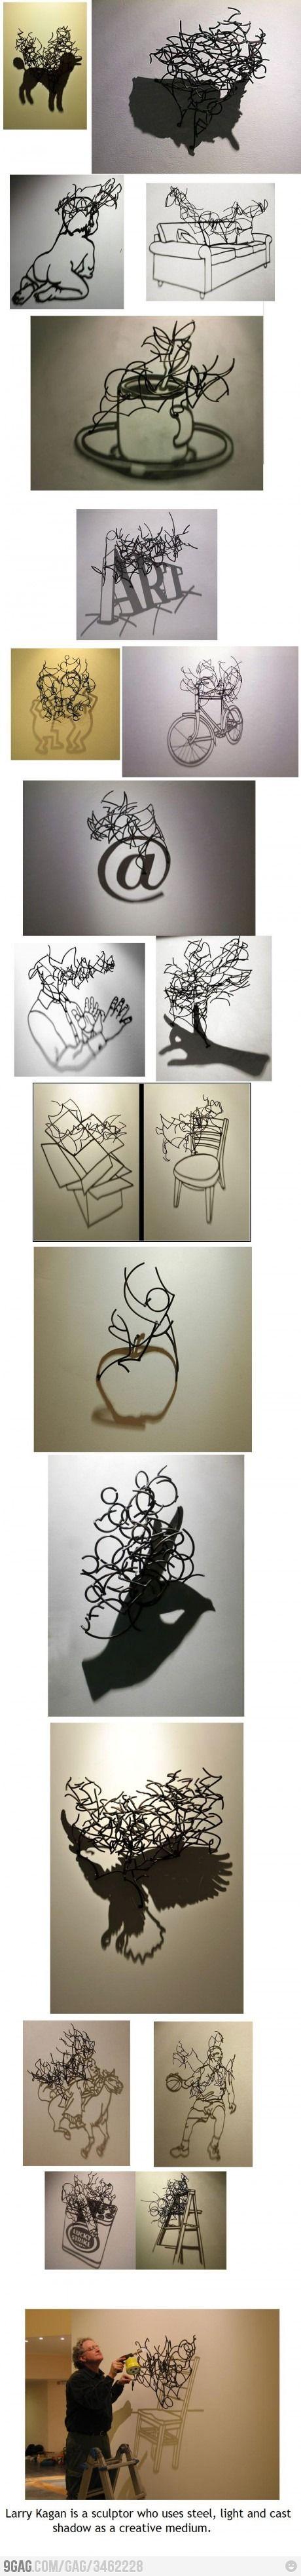 Steel wire art.